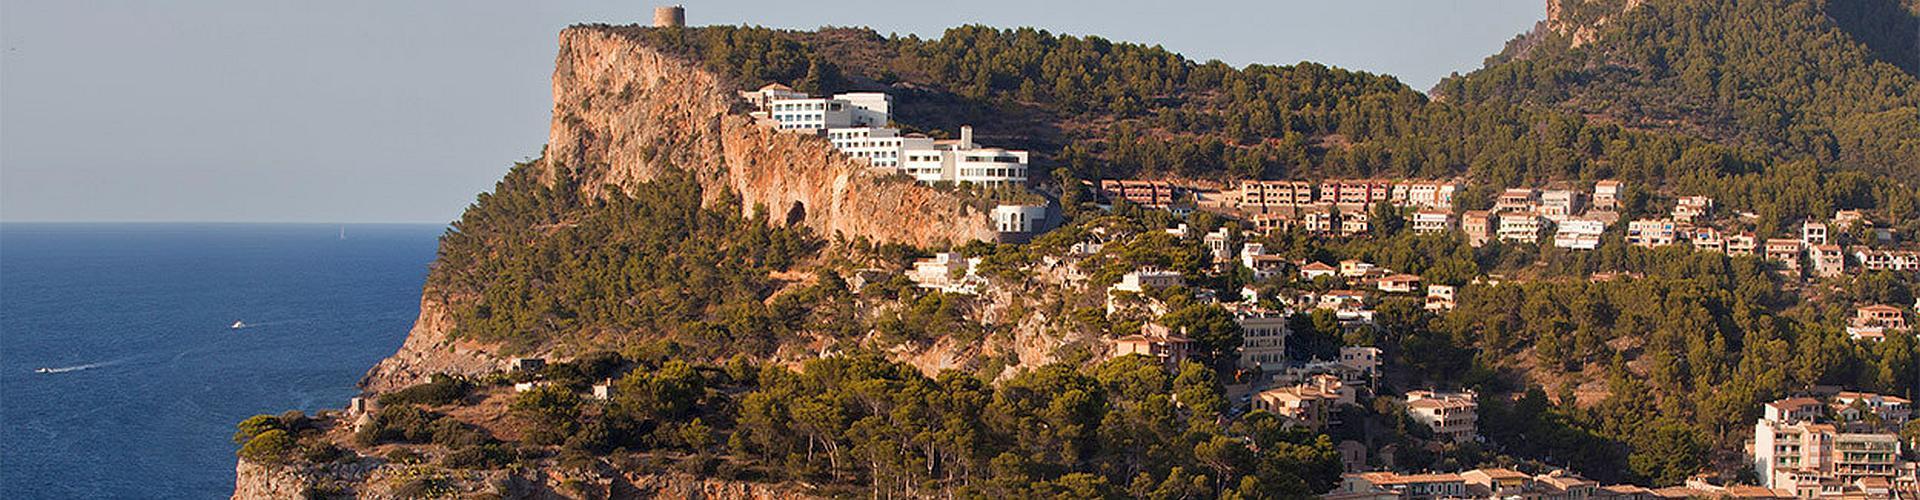 Hotel Jumeirah Port Soller Mallorca